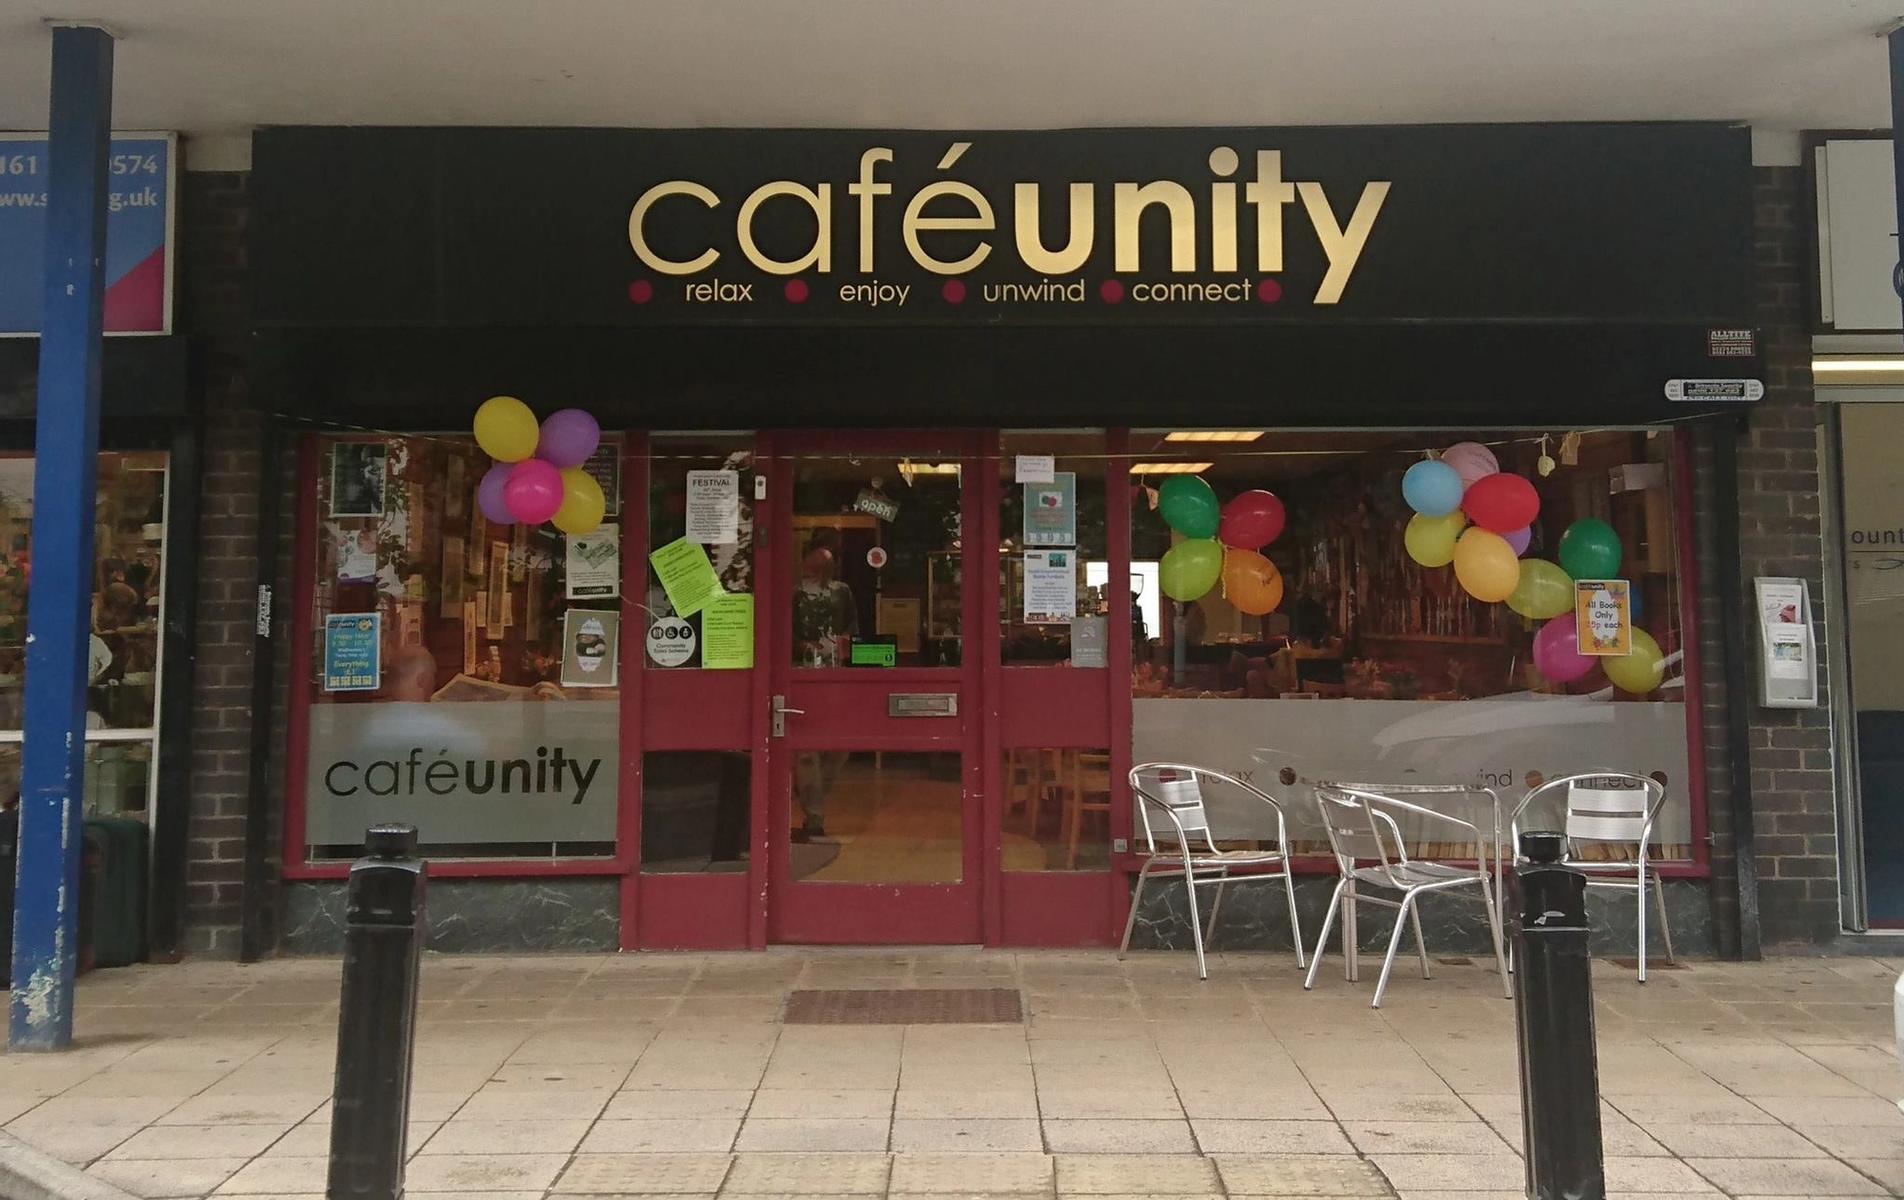 Café Unity